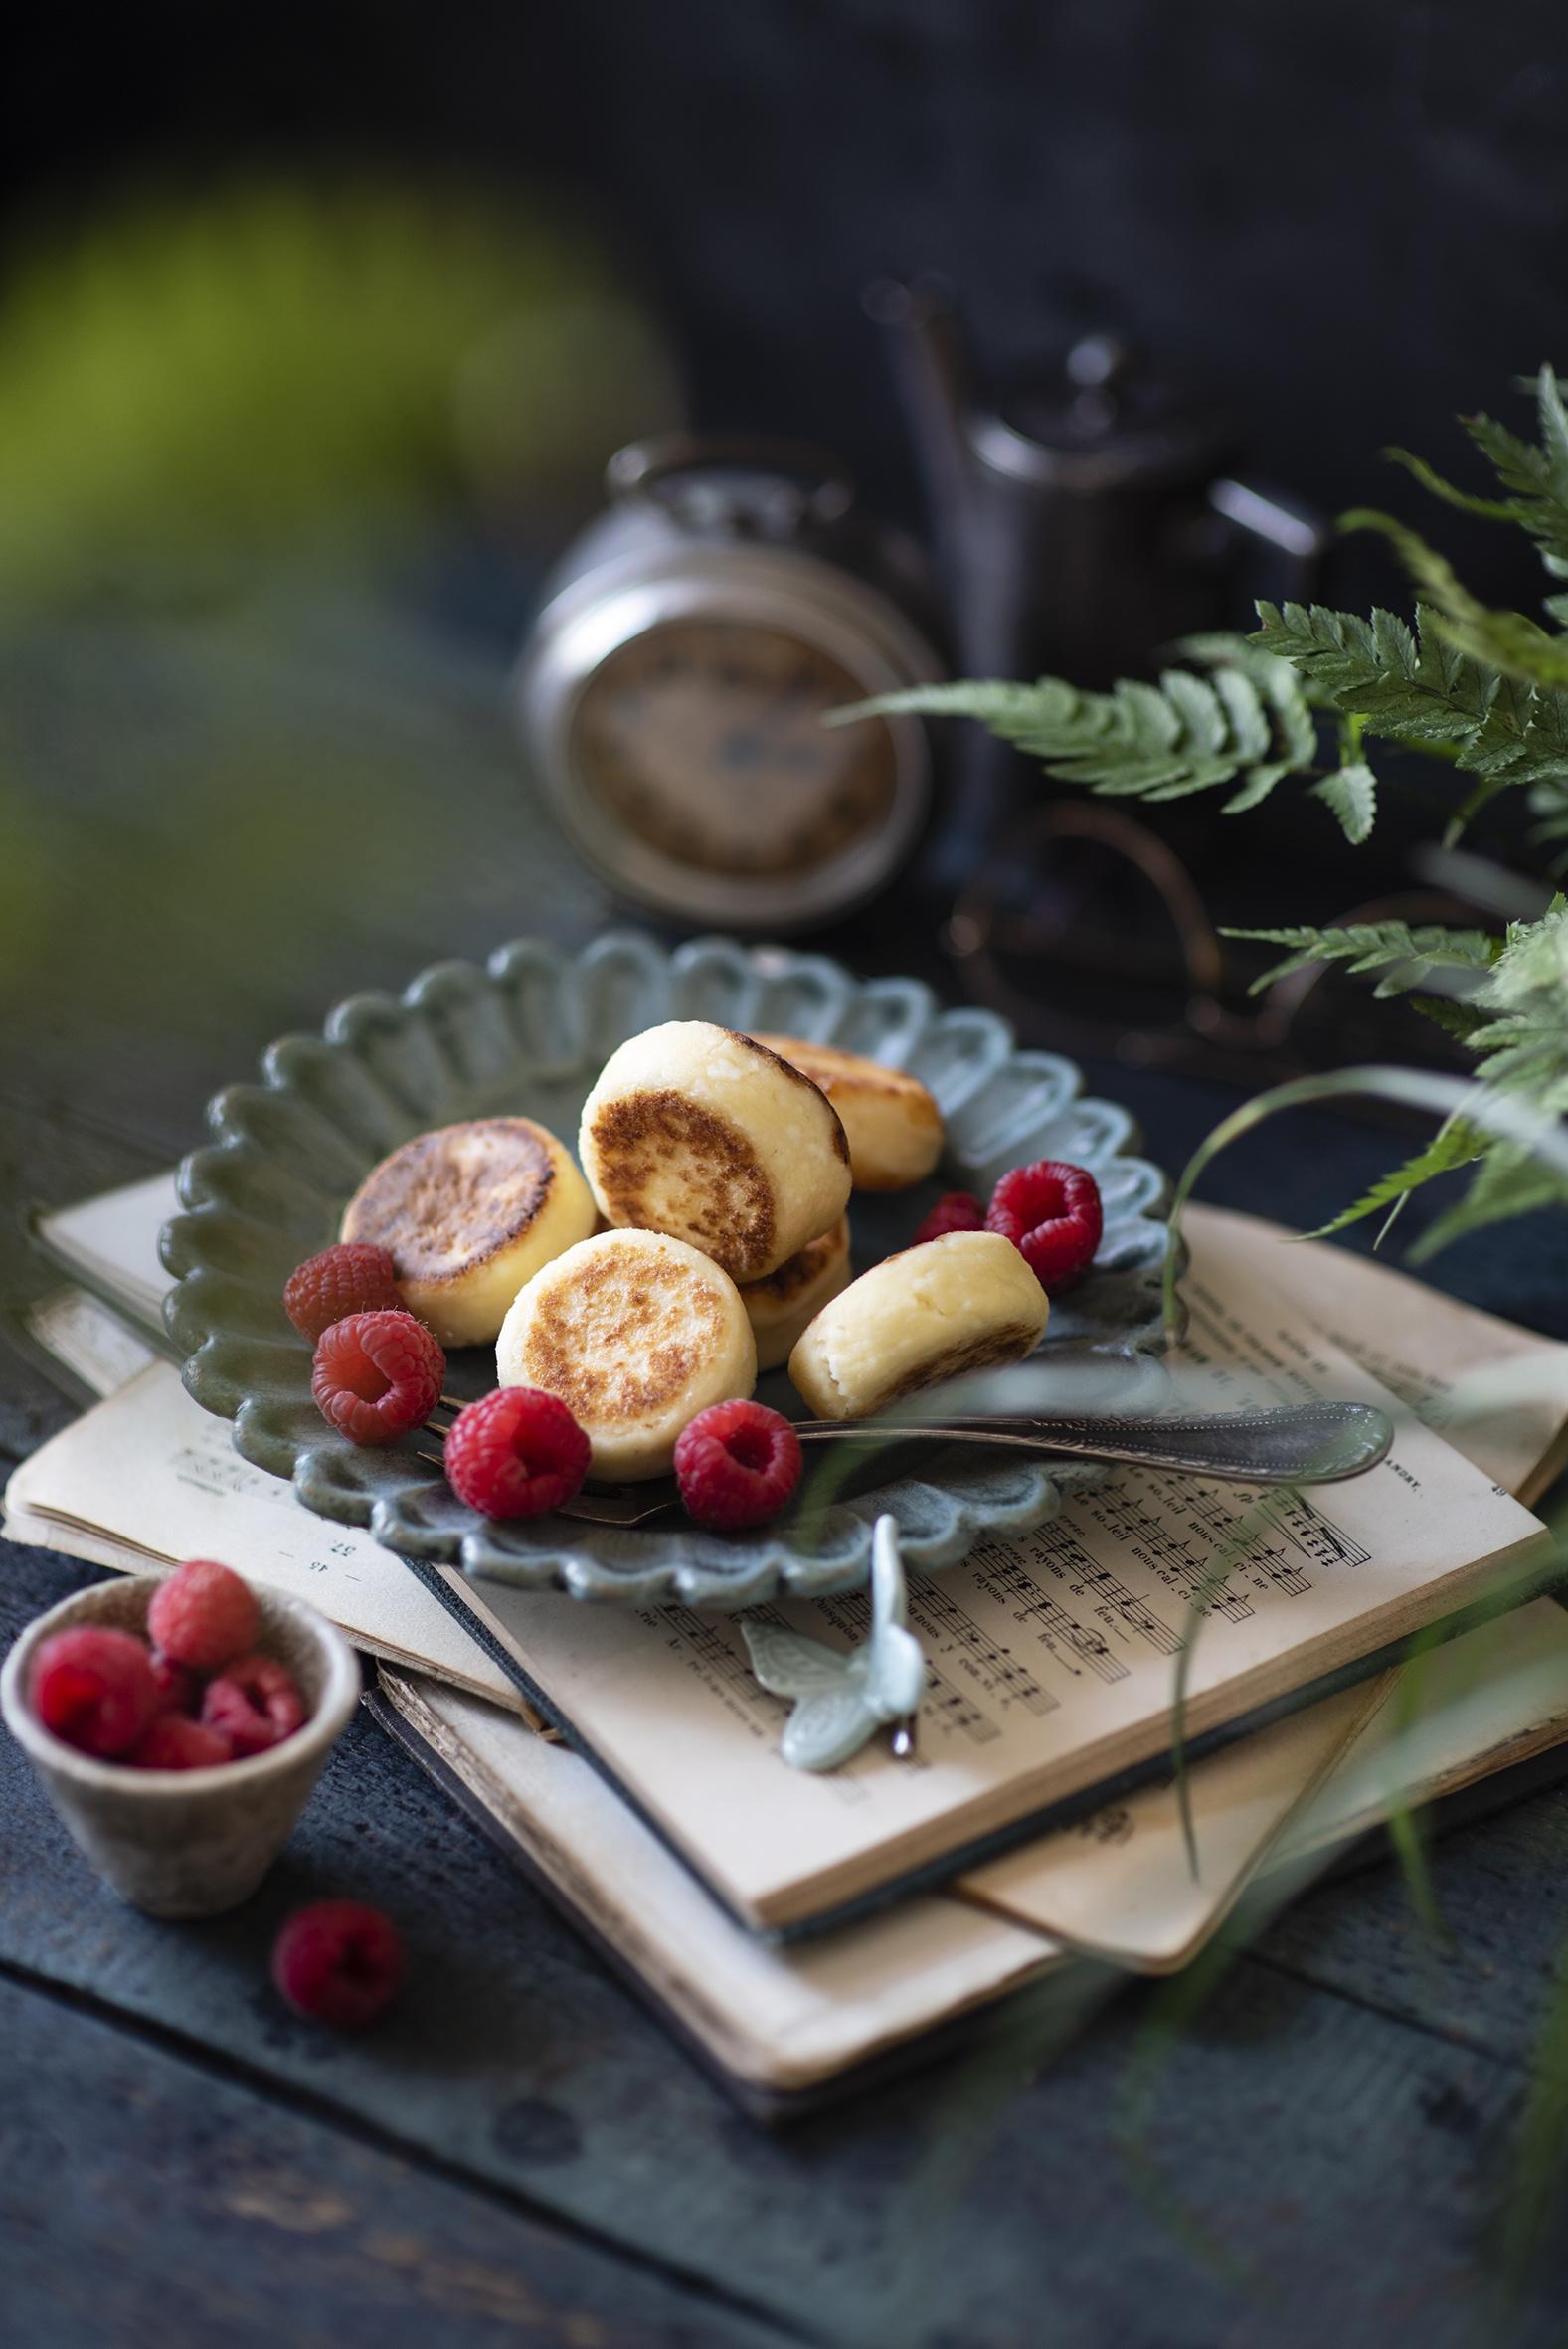 Фотографии Syrniki Малина Пища книги Доски  для мобильного телефона Еда Книга Продукты питания